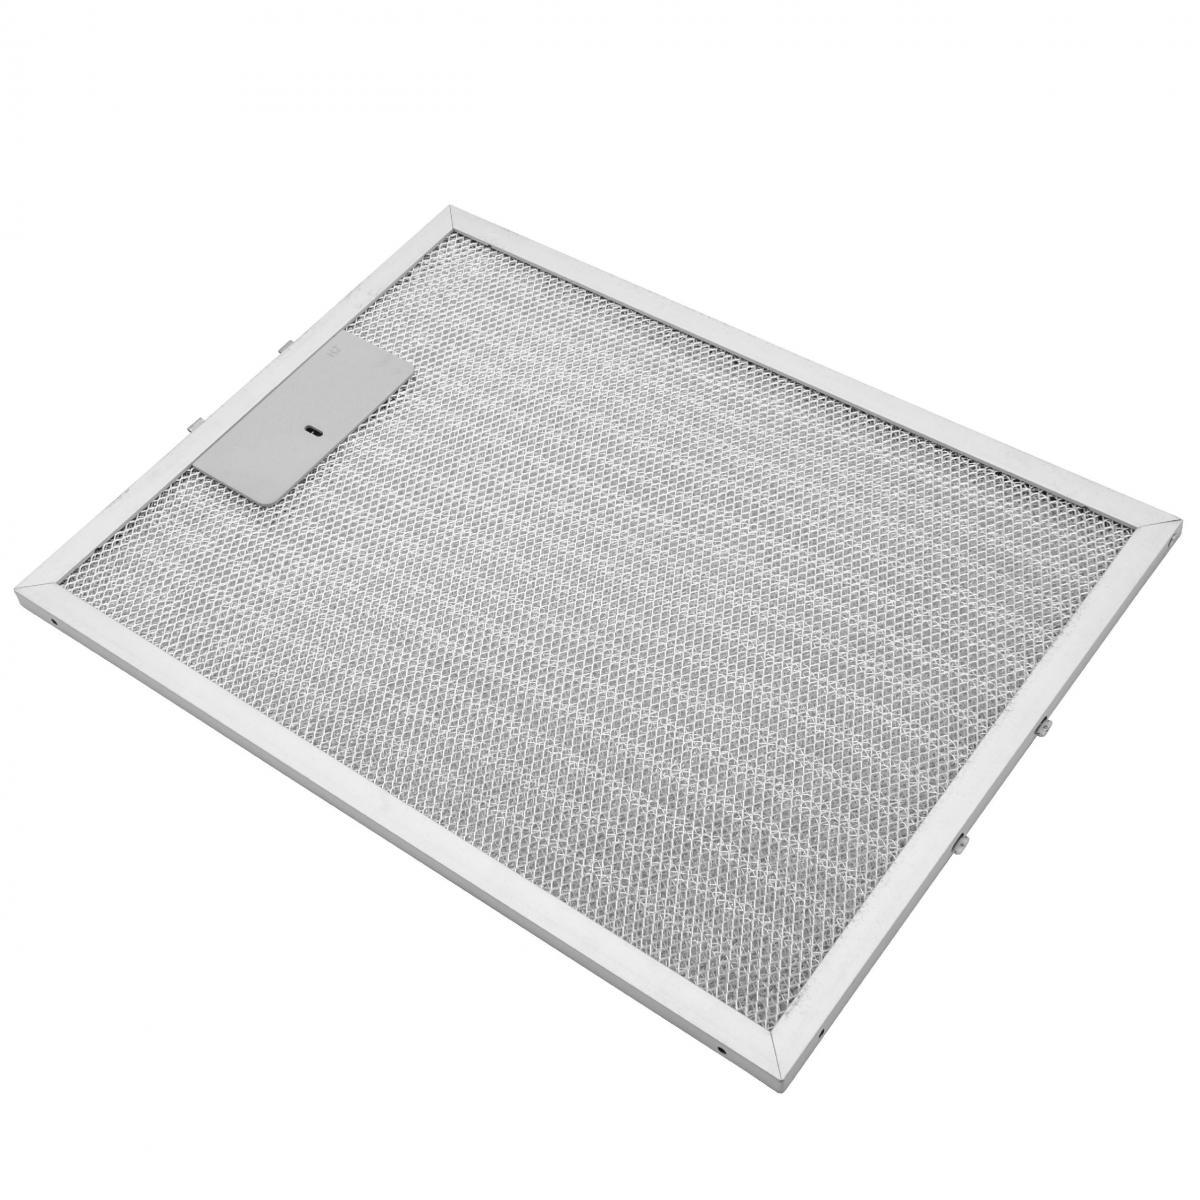 Vhbw vhbw Filtrepermanent filtre à graisse métallique 32,8 x 24,7 x 0,9 cm convient pour Alno AEF3750X 94264093700 hottes de